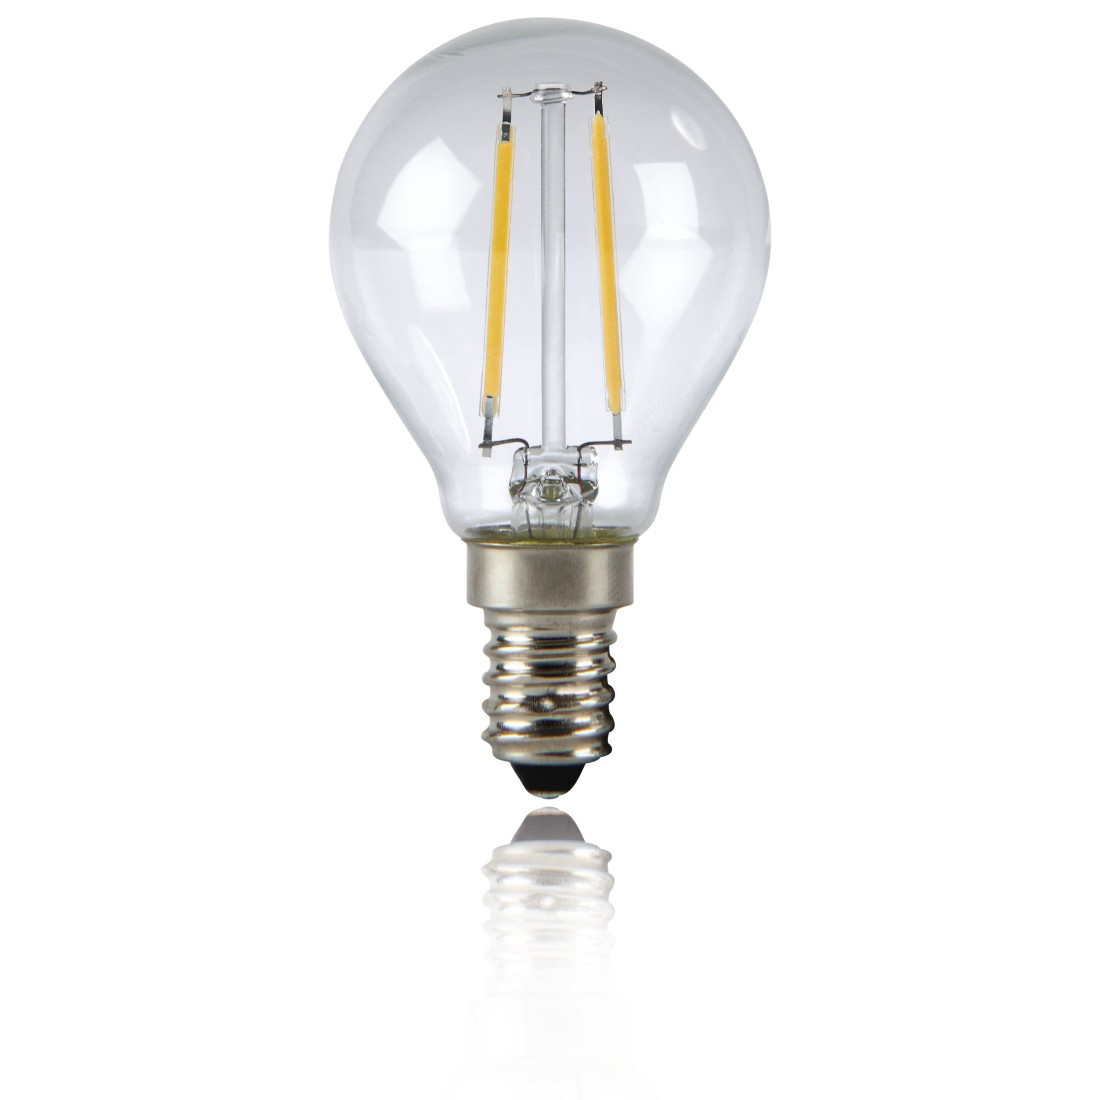 00112268 xavax ampoule led 2w en forme de. Black Bedroom Furniture Sets. Home Design Ideas